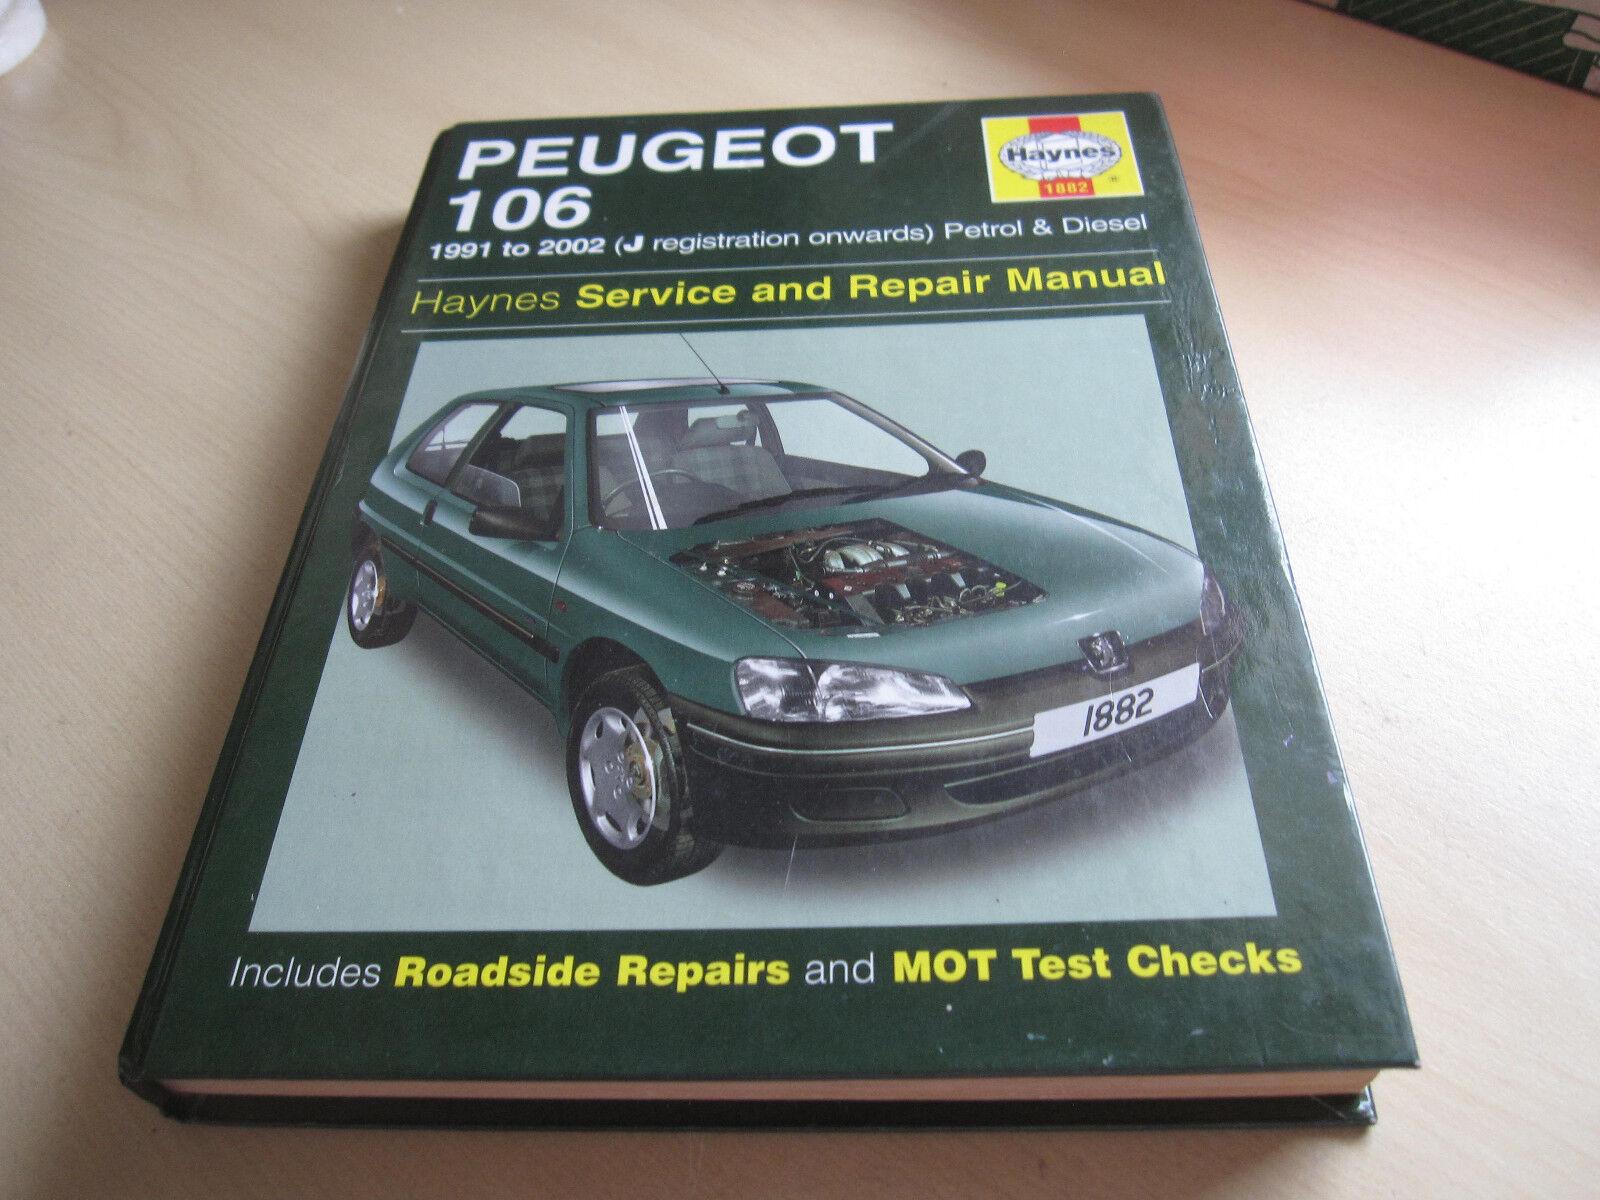 Peugeot 106 Haynes Manual 1991 to 1998 Petrol & Diesel Rallye GTI 16 Valve  | eBay